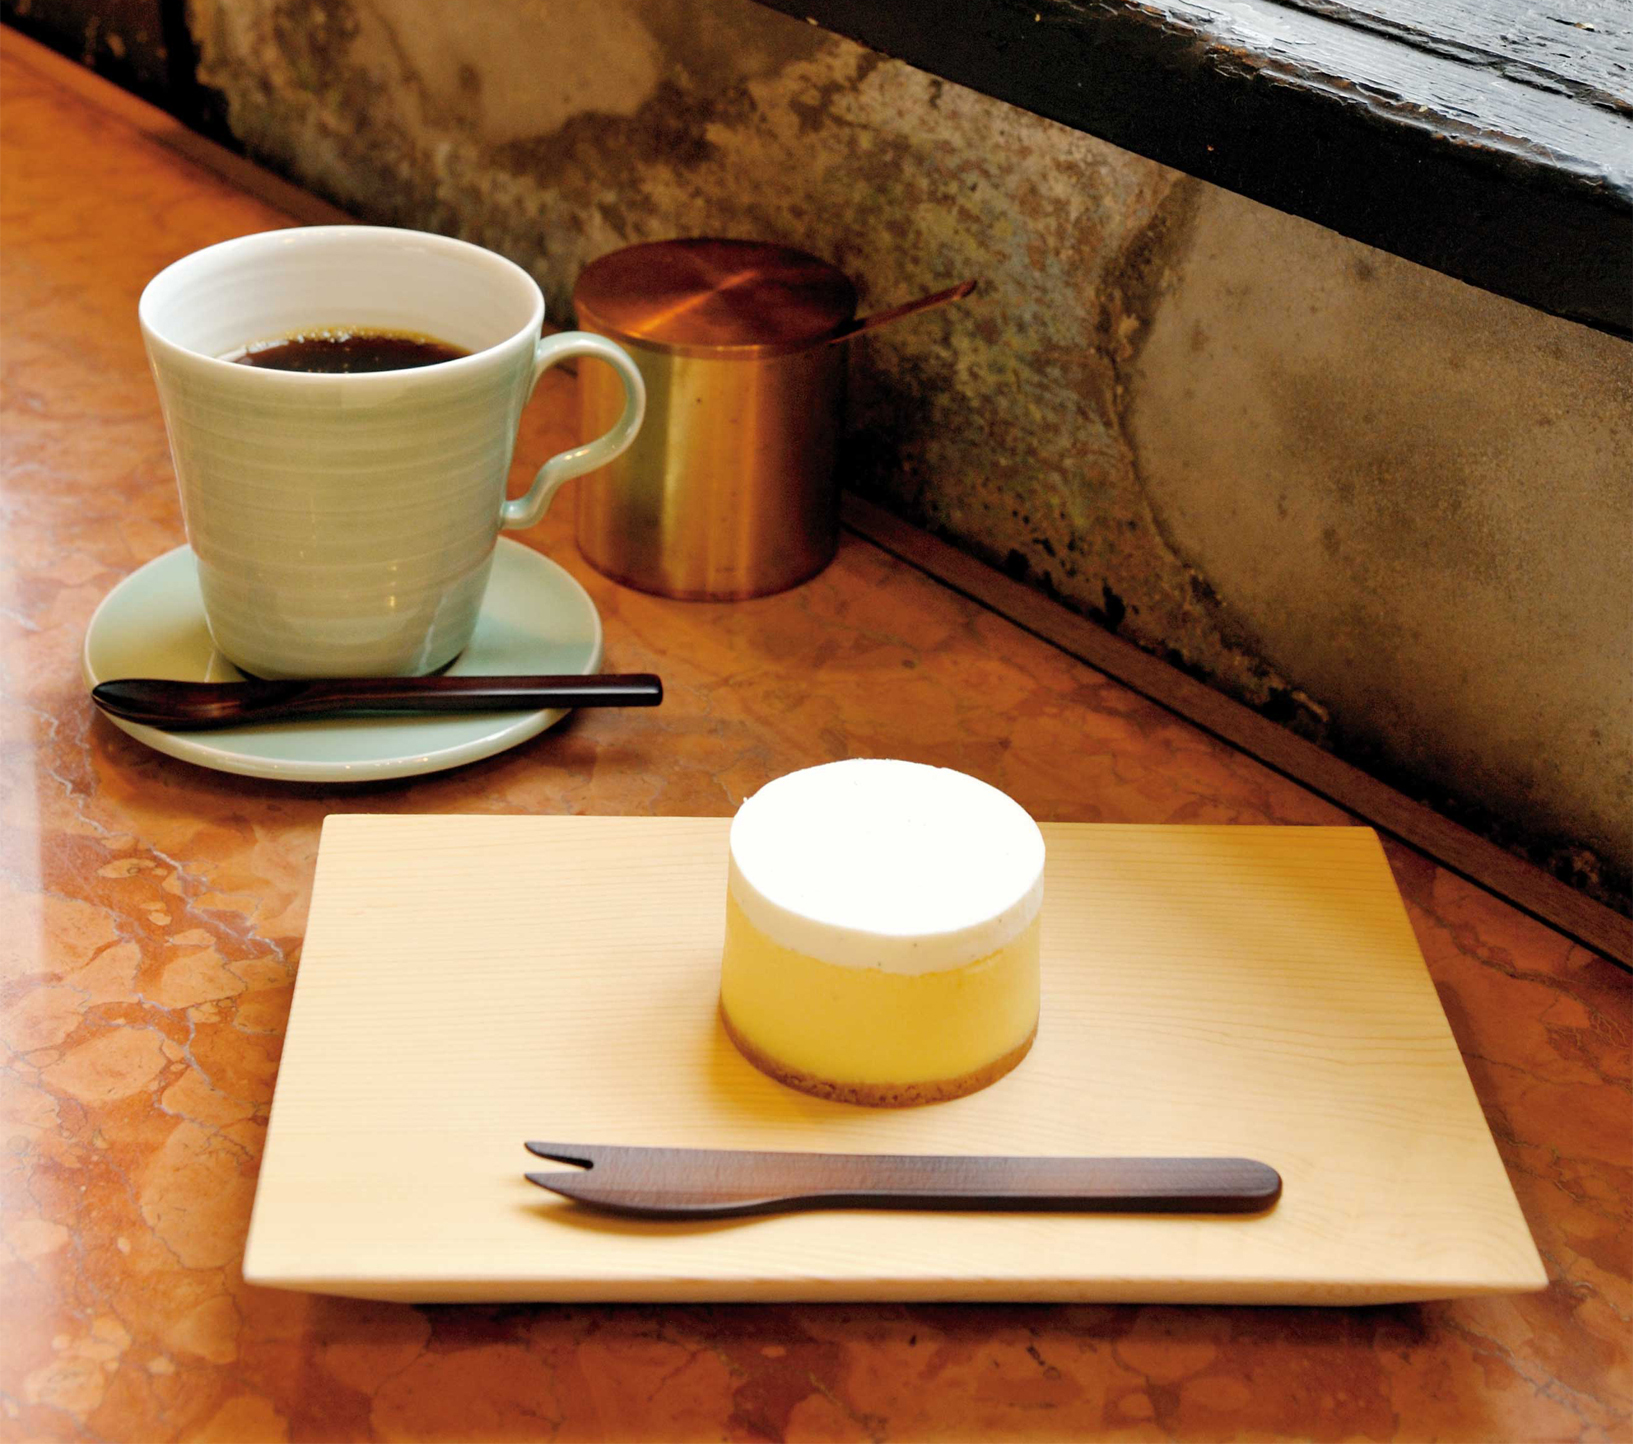 Kaikado Cafeのチーズケーキ